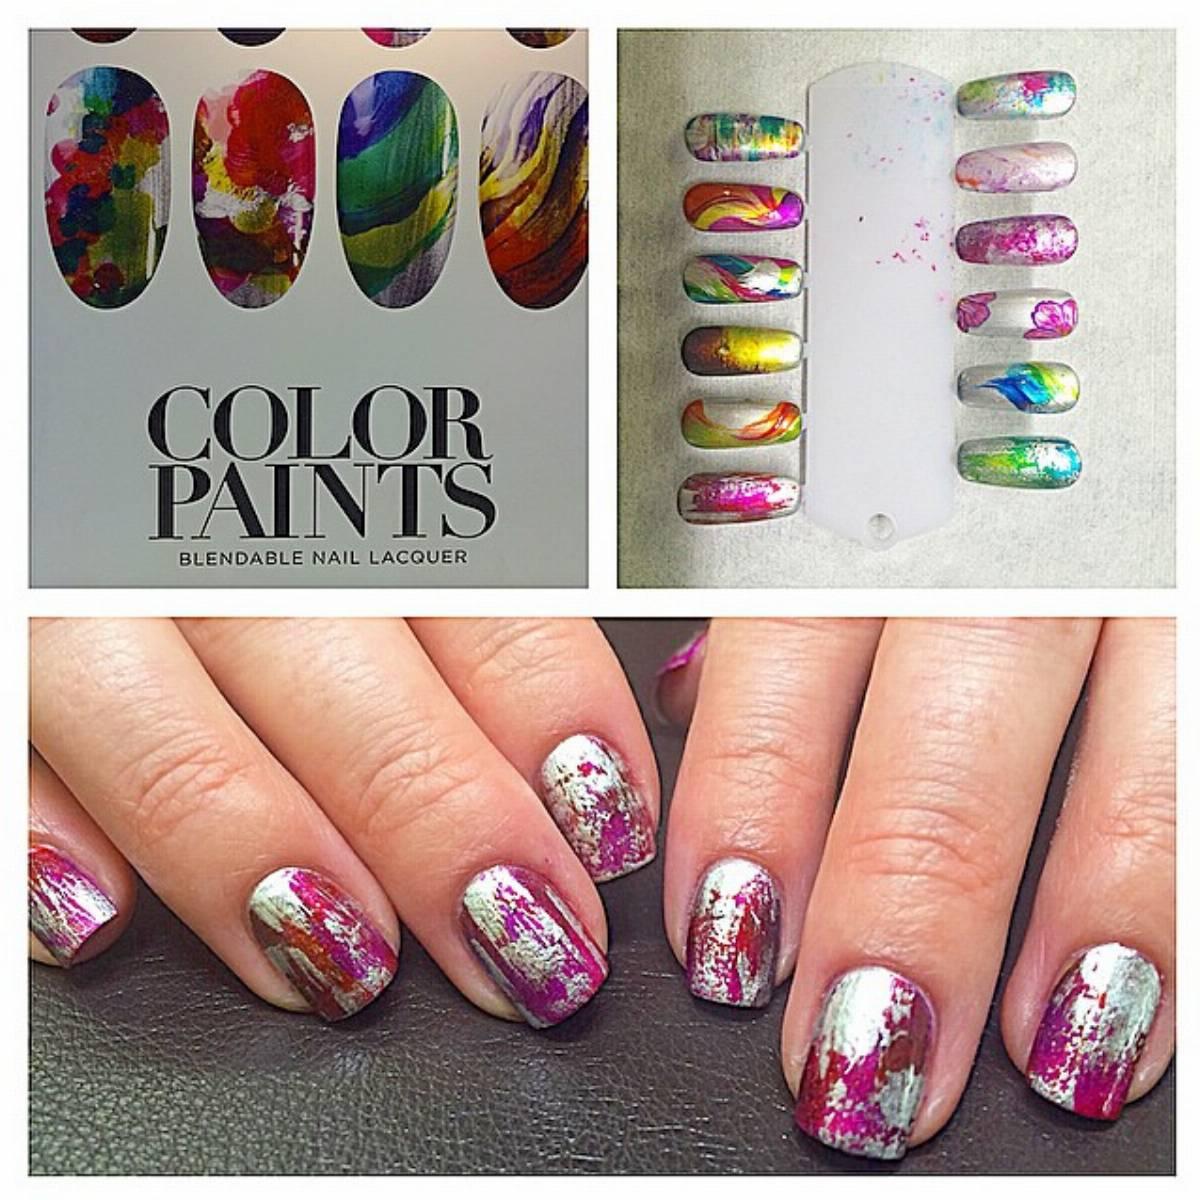 color paints 2